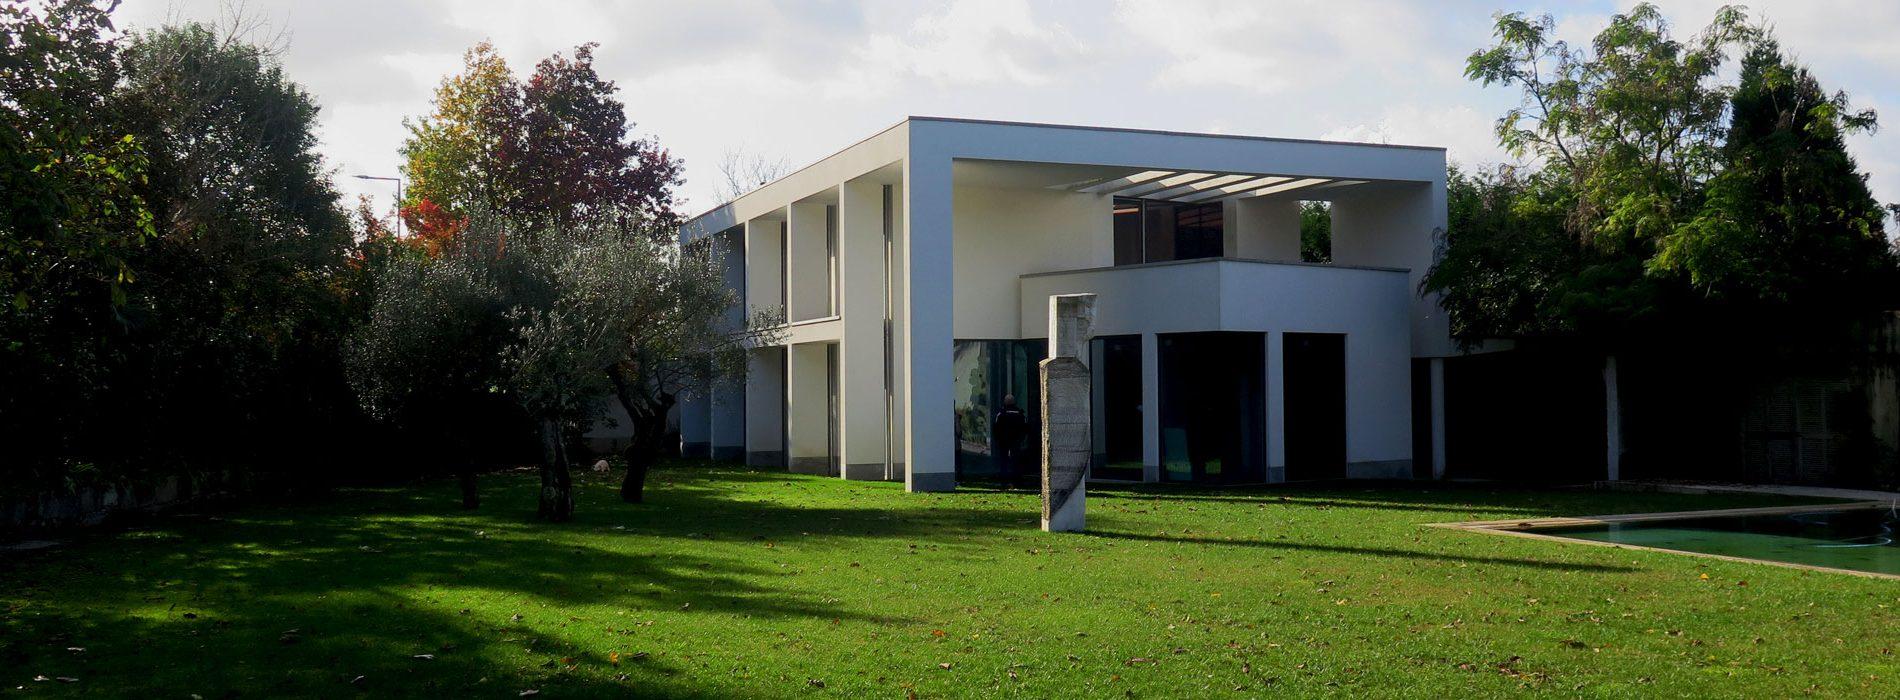 Casa-na-Reguenga-fachada-principal